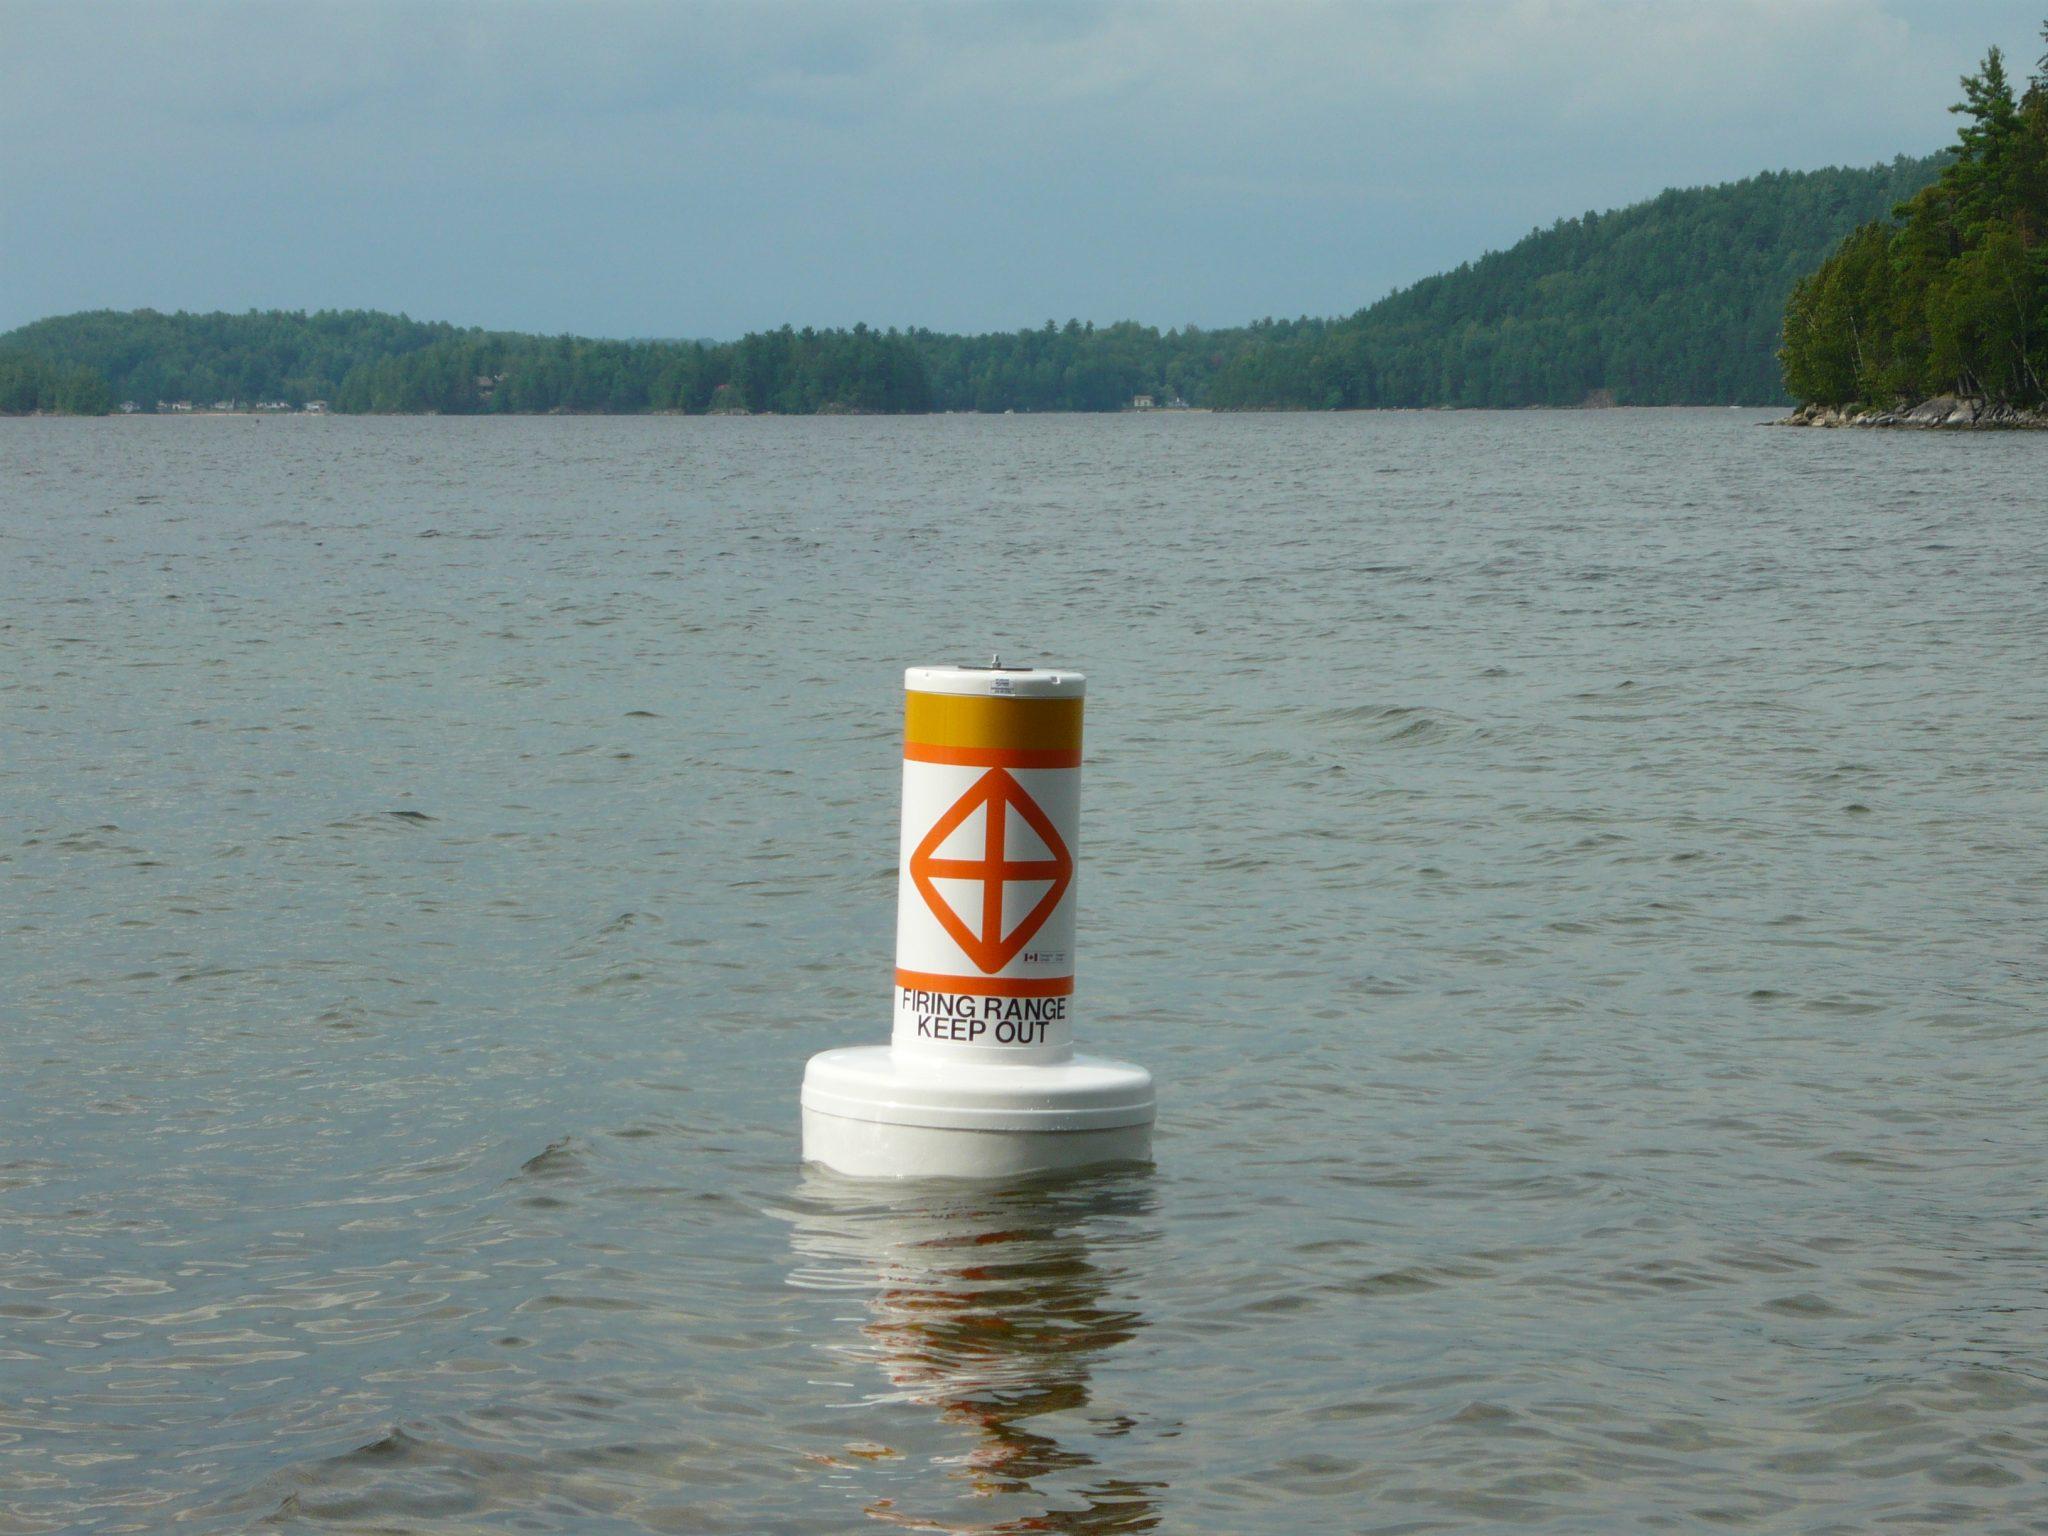 Pictogramme_zone_interdite_aux-bateaux_plan-d'eau